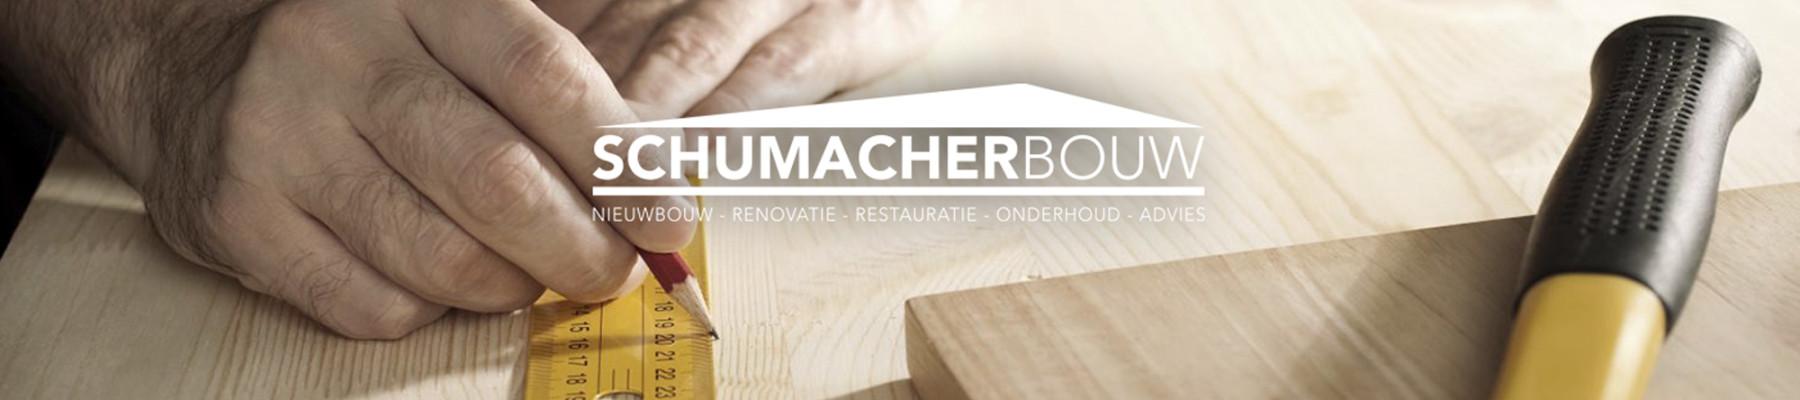 SchumacherBouw_Puur_Vakwerk_2-1800x400